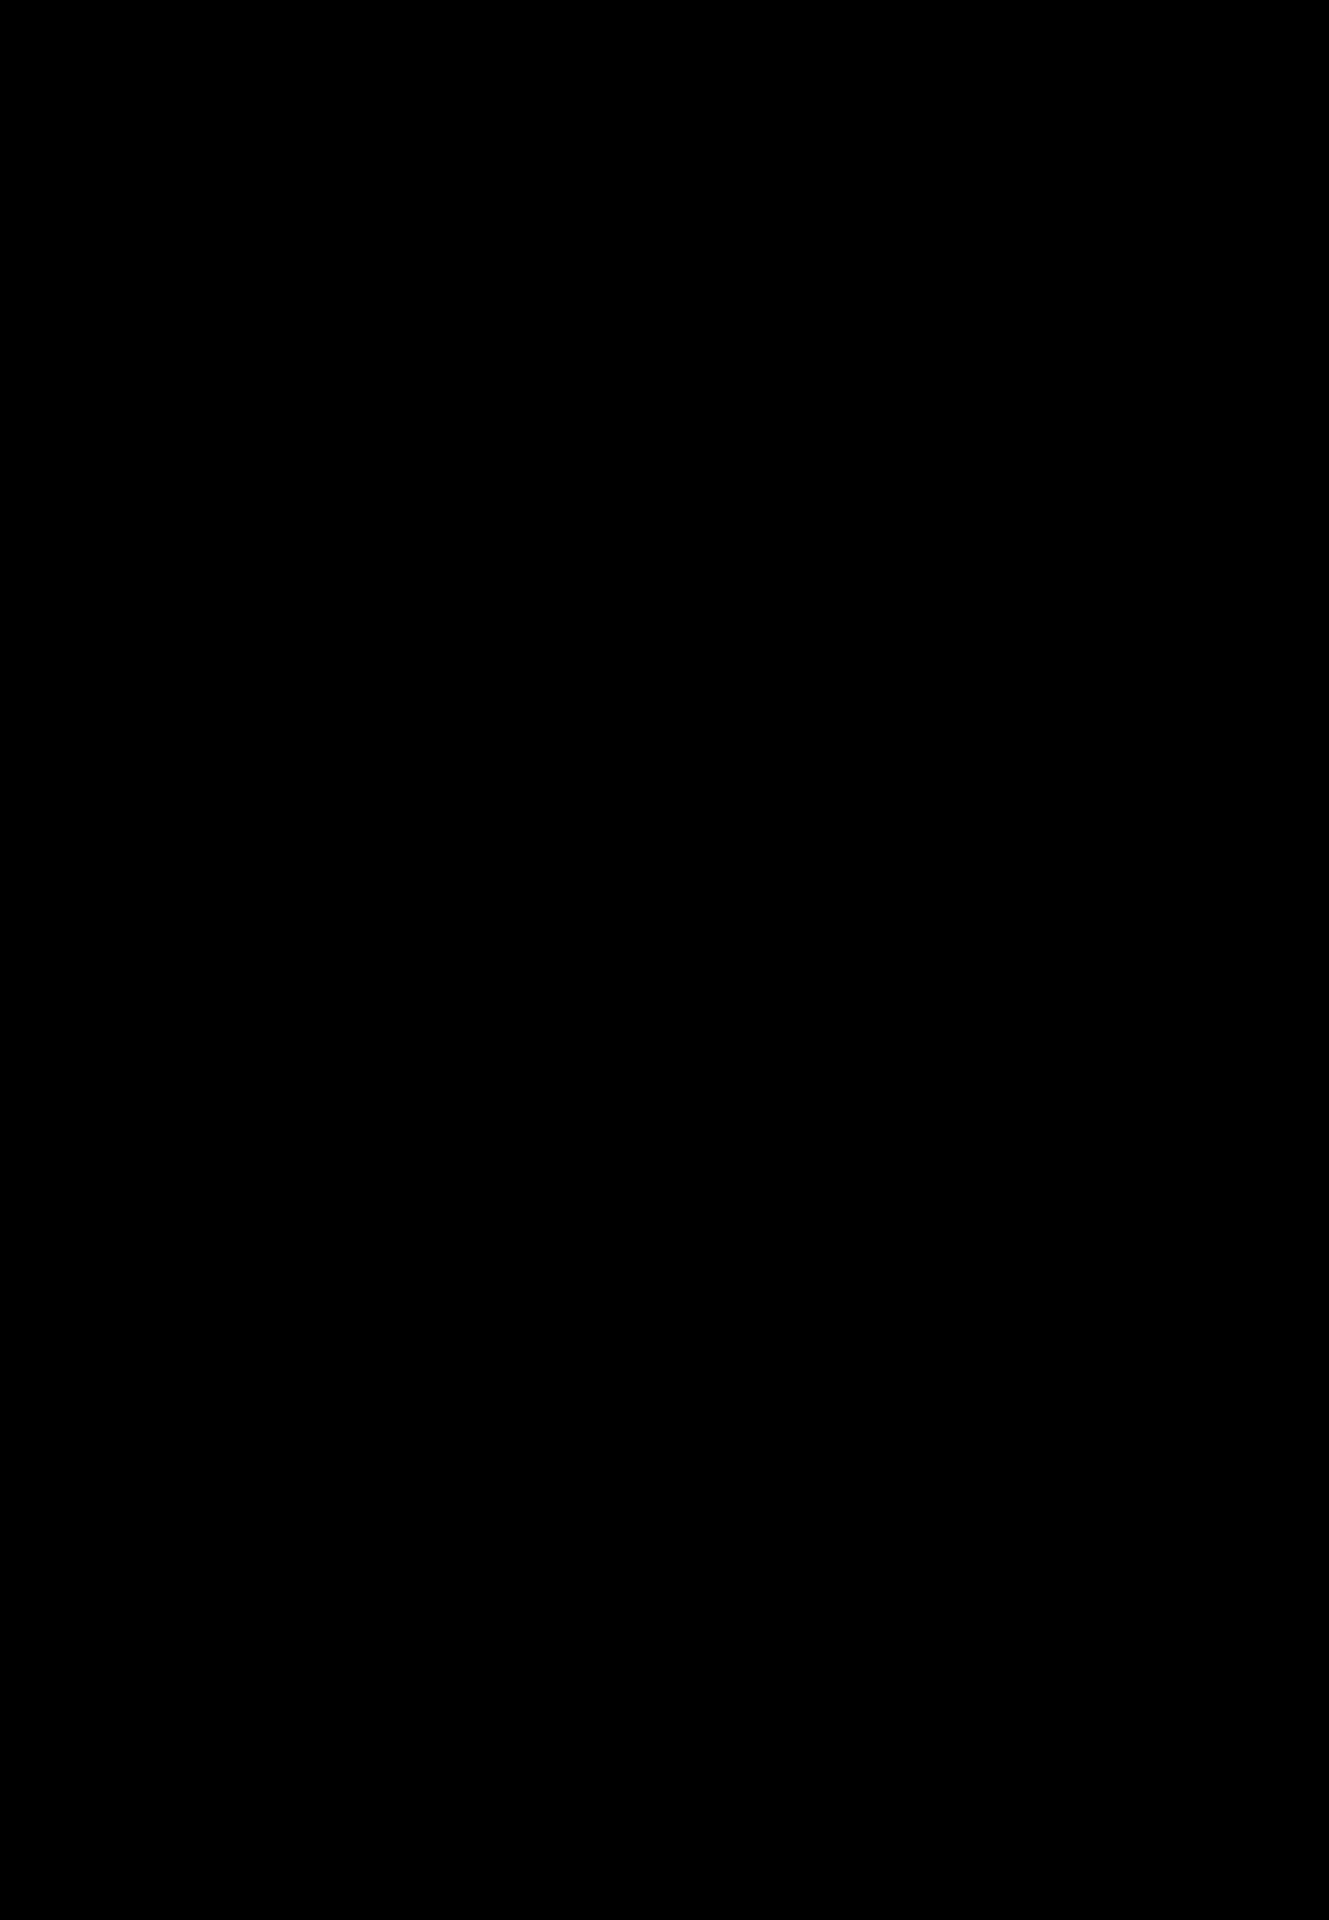 ಹಾರ್ಸ್ ಪವರ್